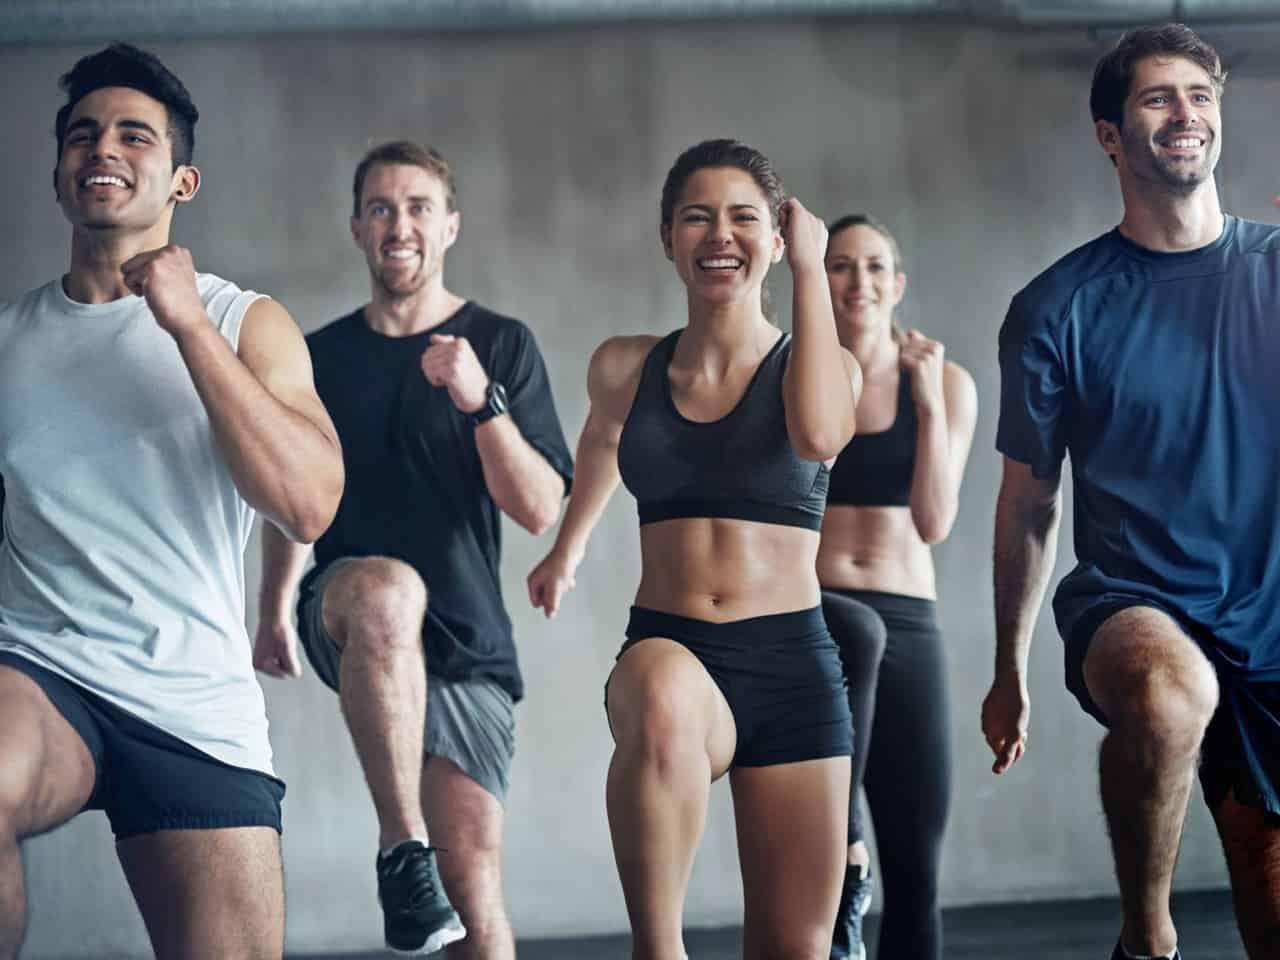 Τι κερδίζουν όσοι γυμνάζονται – Εννέα σούπερ οφέλη υγείας